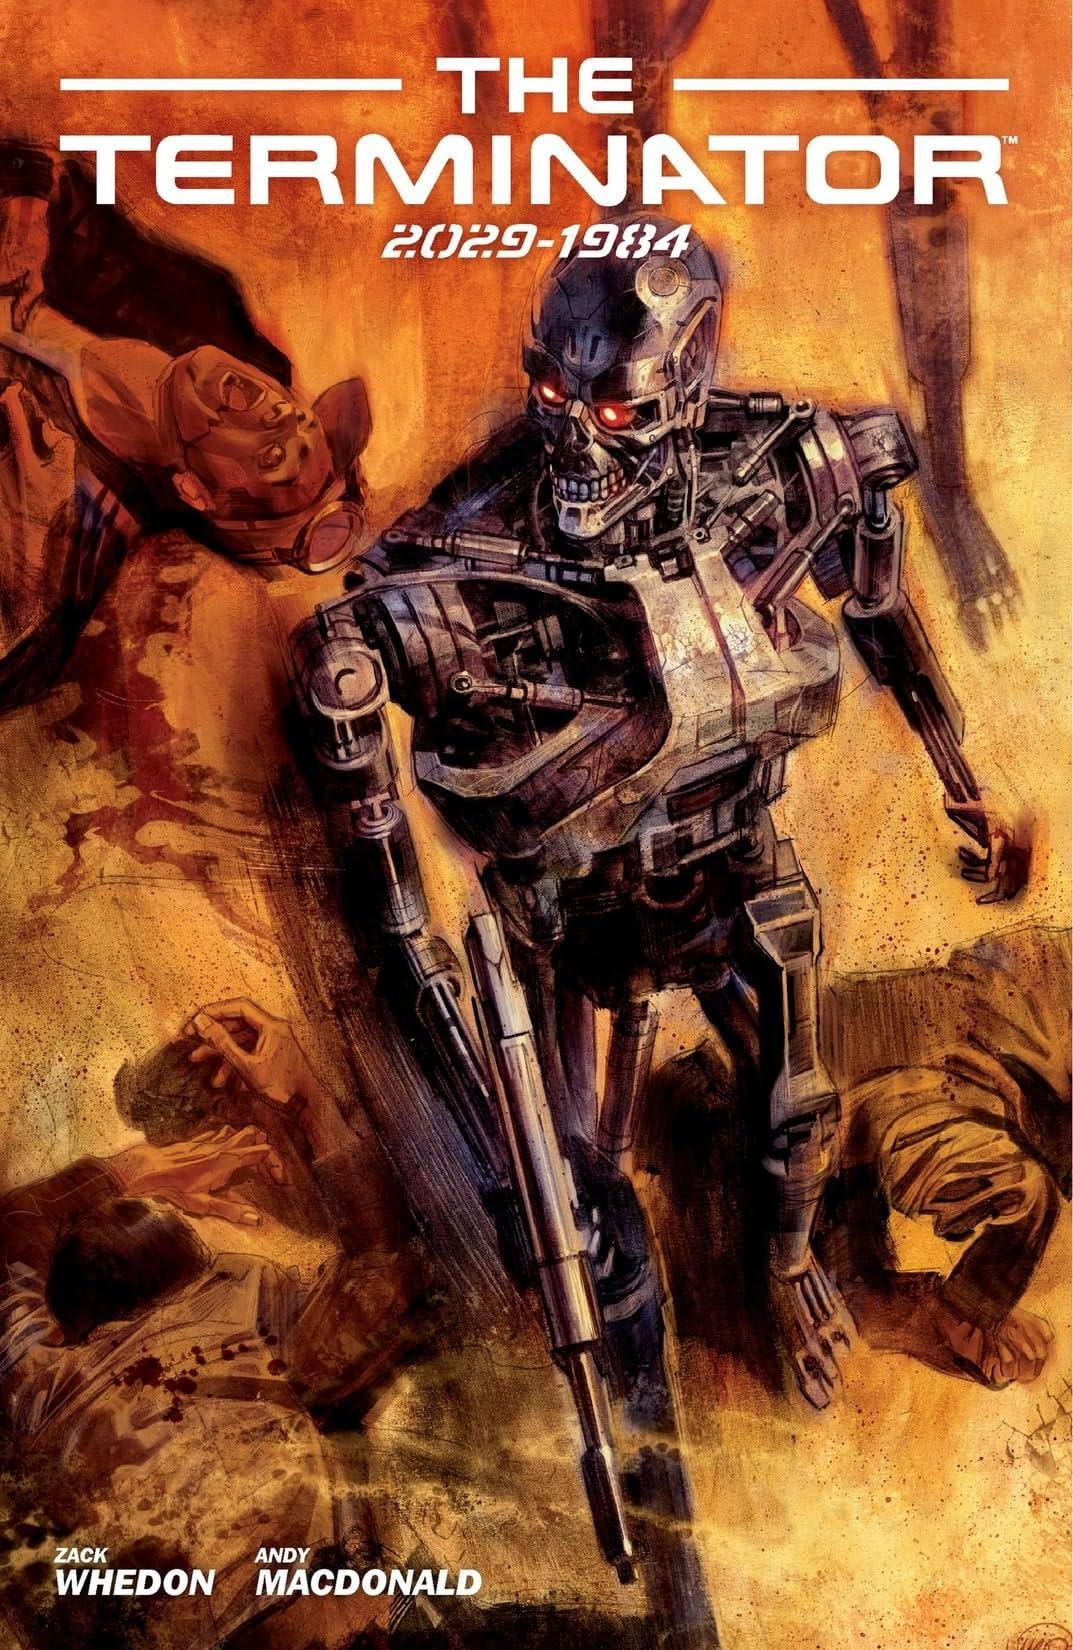 Terminator: 2029-1984